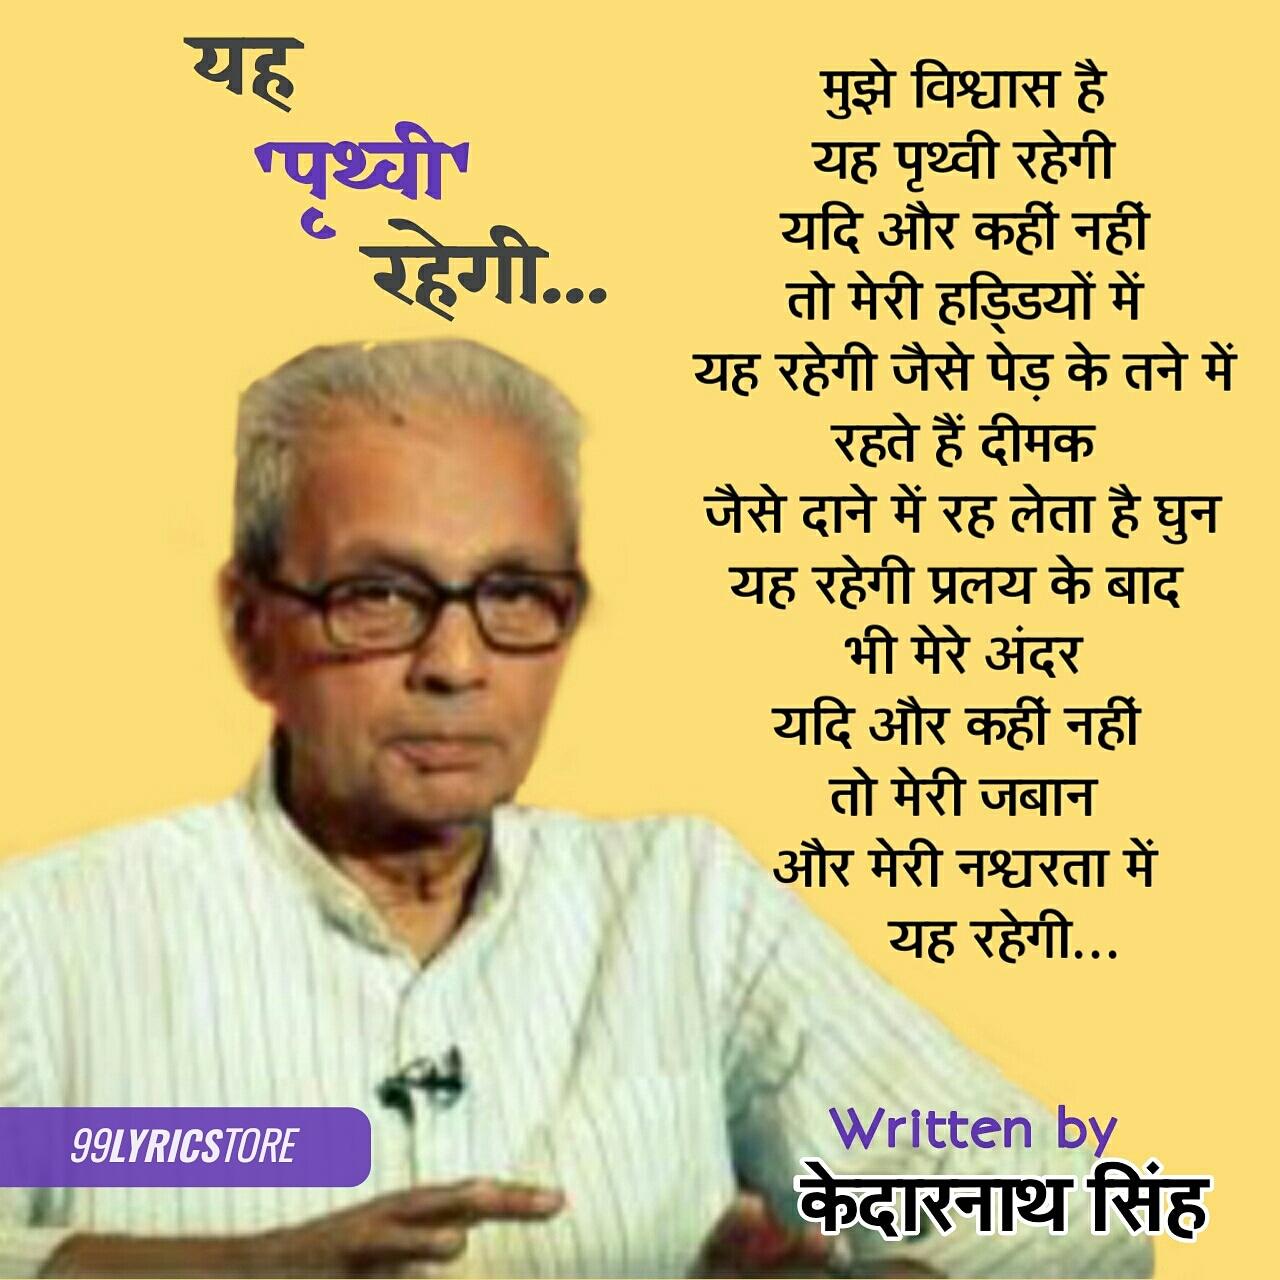 यह पृथ्वी रहेगी' कविता केदारनाथ सिंह जी द्वारा लिखी गई एक हिन्दी कविता है। केदारनाथ सिंह जी कविताओं को पढ़ते हुए ध्यान आता है कि इनकी कविताएं में बड़ी-बड़ी बातों को कितने सहज शब्दों में लिखा गया है, अन्य कवियों की तरह नही की जो कठिनतम बिंबों और भारी-भरकम शब्दों से कविता को ऐसा उलझाते हैं कि उसे पढ़ कर एक विरोधी भी चक्कर खा जाए। ऐसी ही एक कविता 'यह पृथ्वी रहेगी' जिसमें केदारनाथ जी ने बहुत सहज-सरल शब्दों में पृथ्वी के रहने की बात कही है।